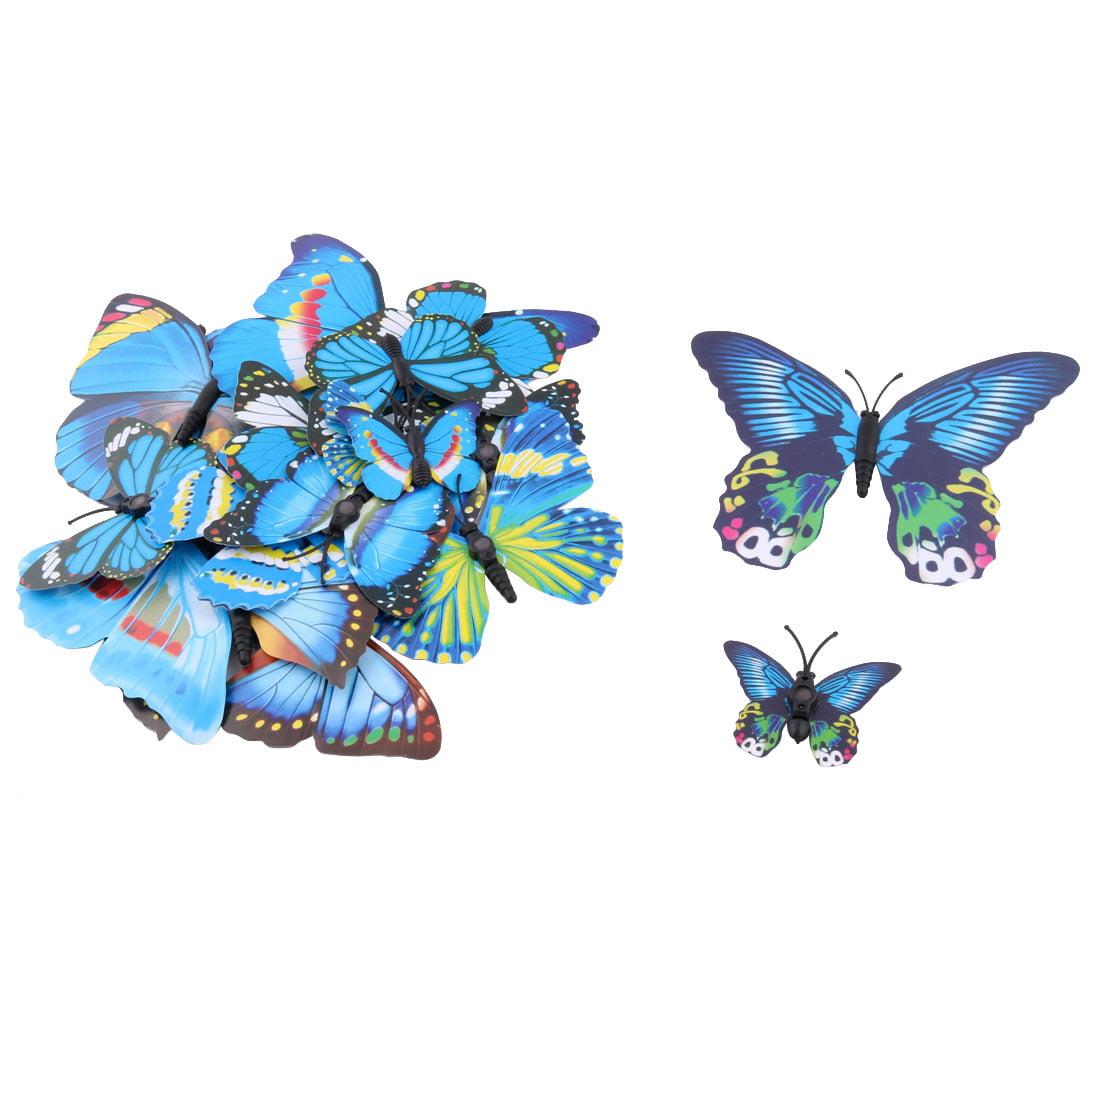 PVC Handcraft Artificial Butterfly 3D Wall Refrigerator Door Sticker Blue 2 Sets